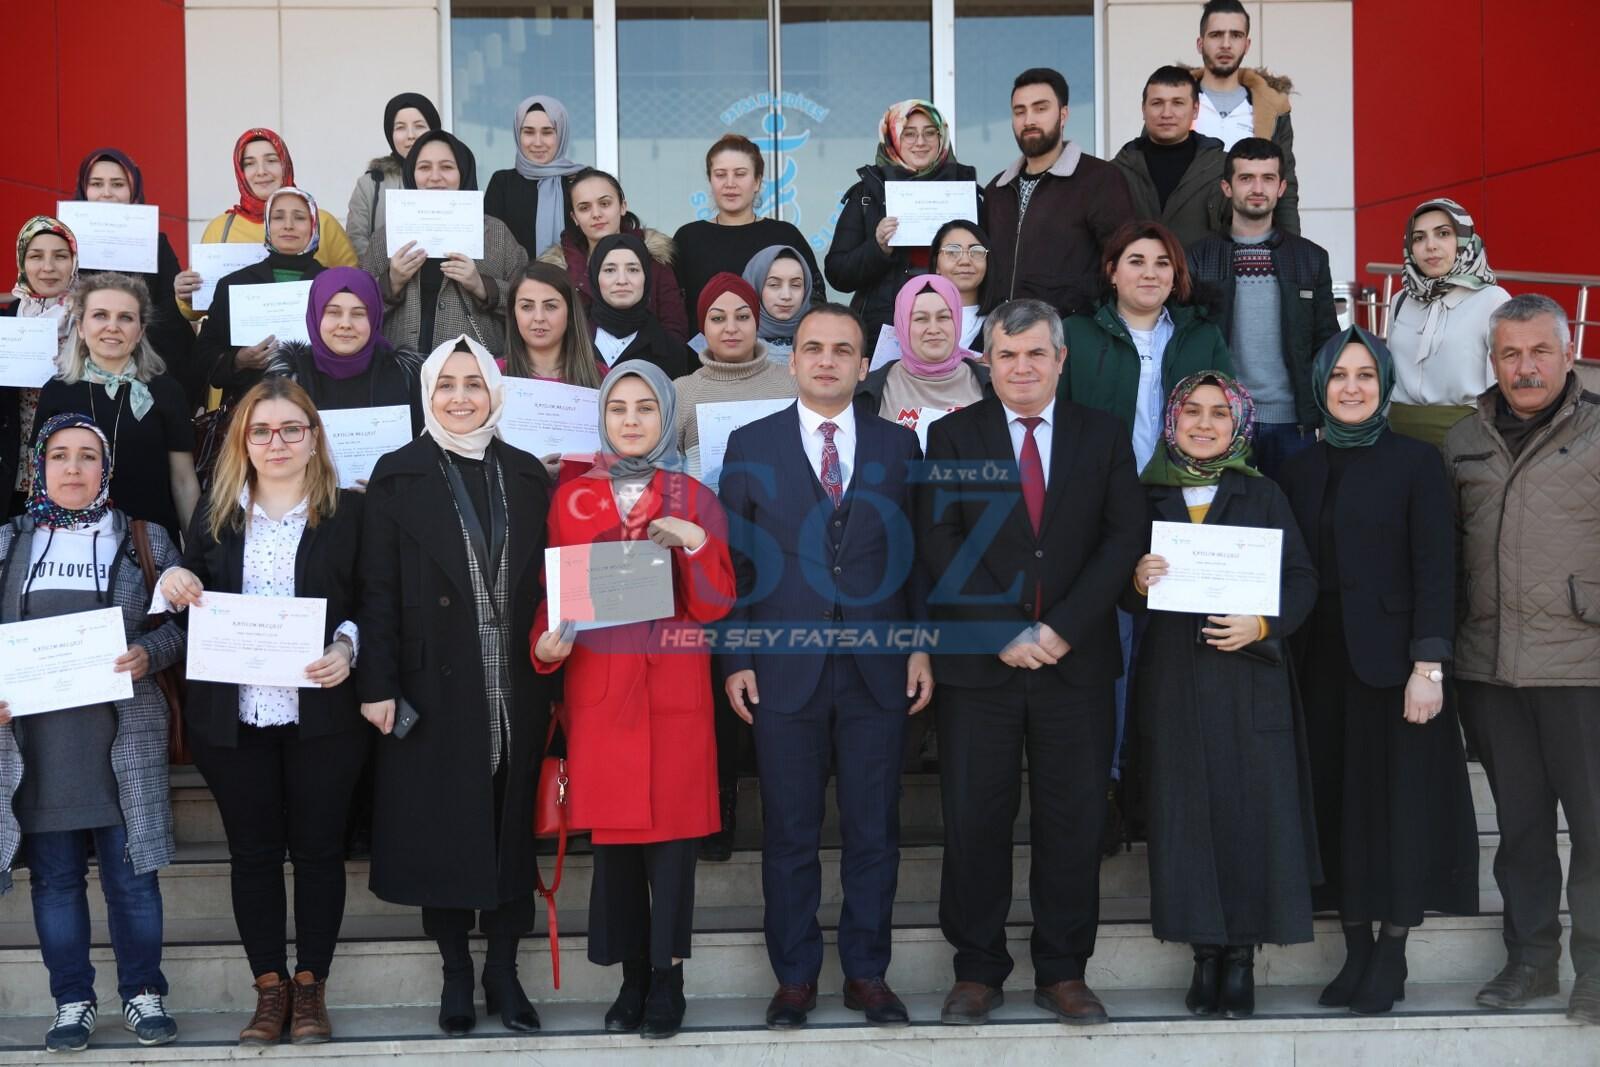 İŞ GARANTİLİ EĞİTİM PROGRAMI İLK KEZ FATSA'DA UYGULANDI